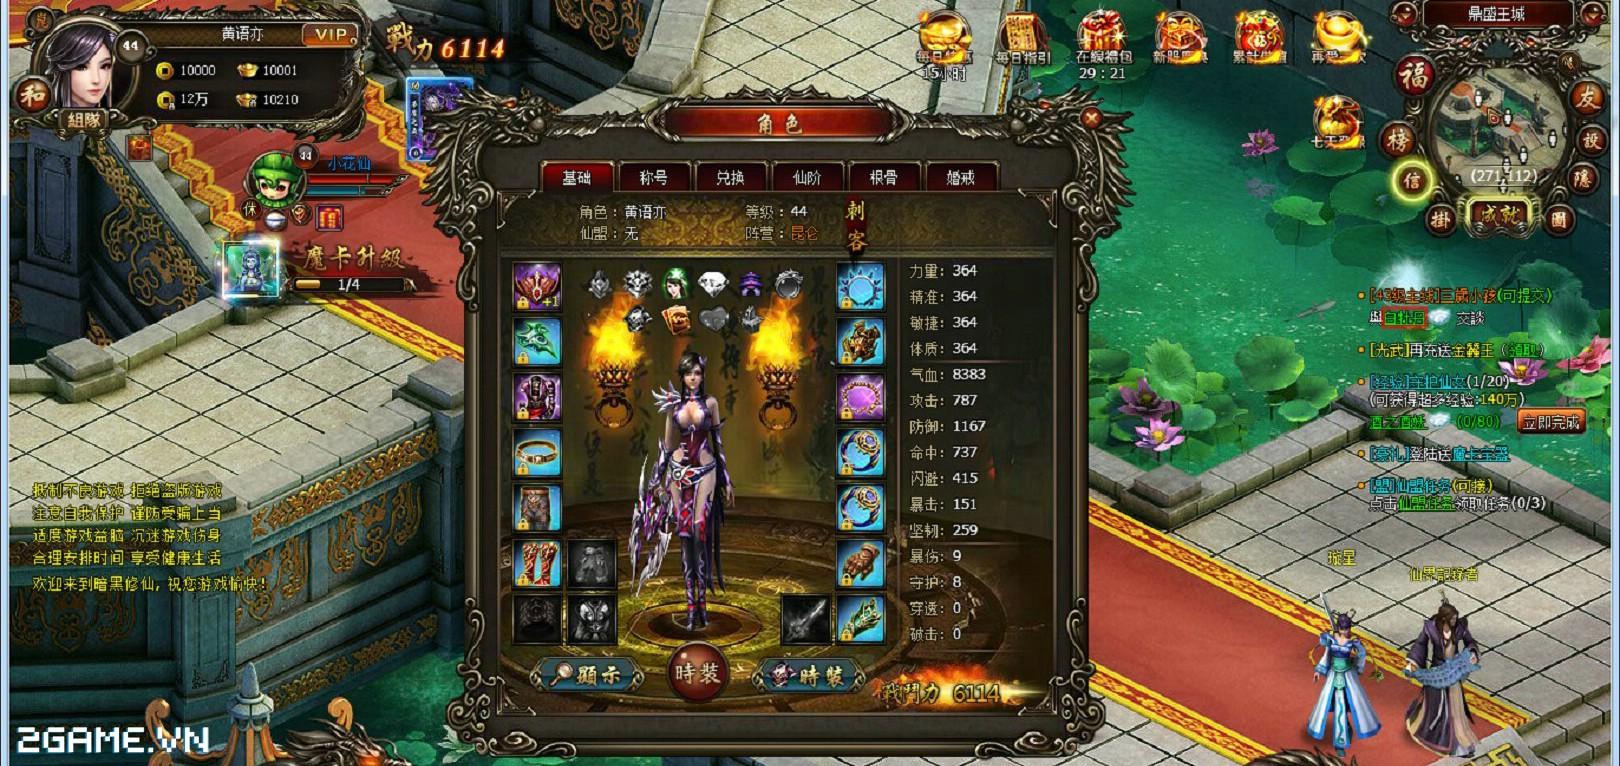 Dạo một vòng quanh game Ma Kiếm Lục trước ngày ra mắt 2